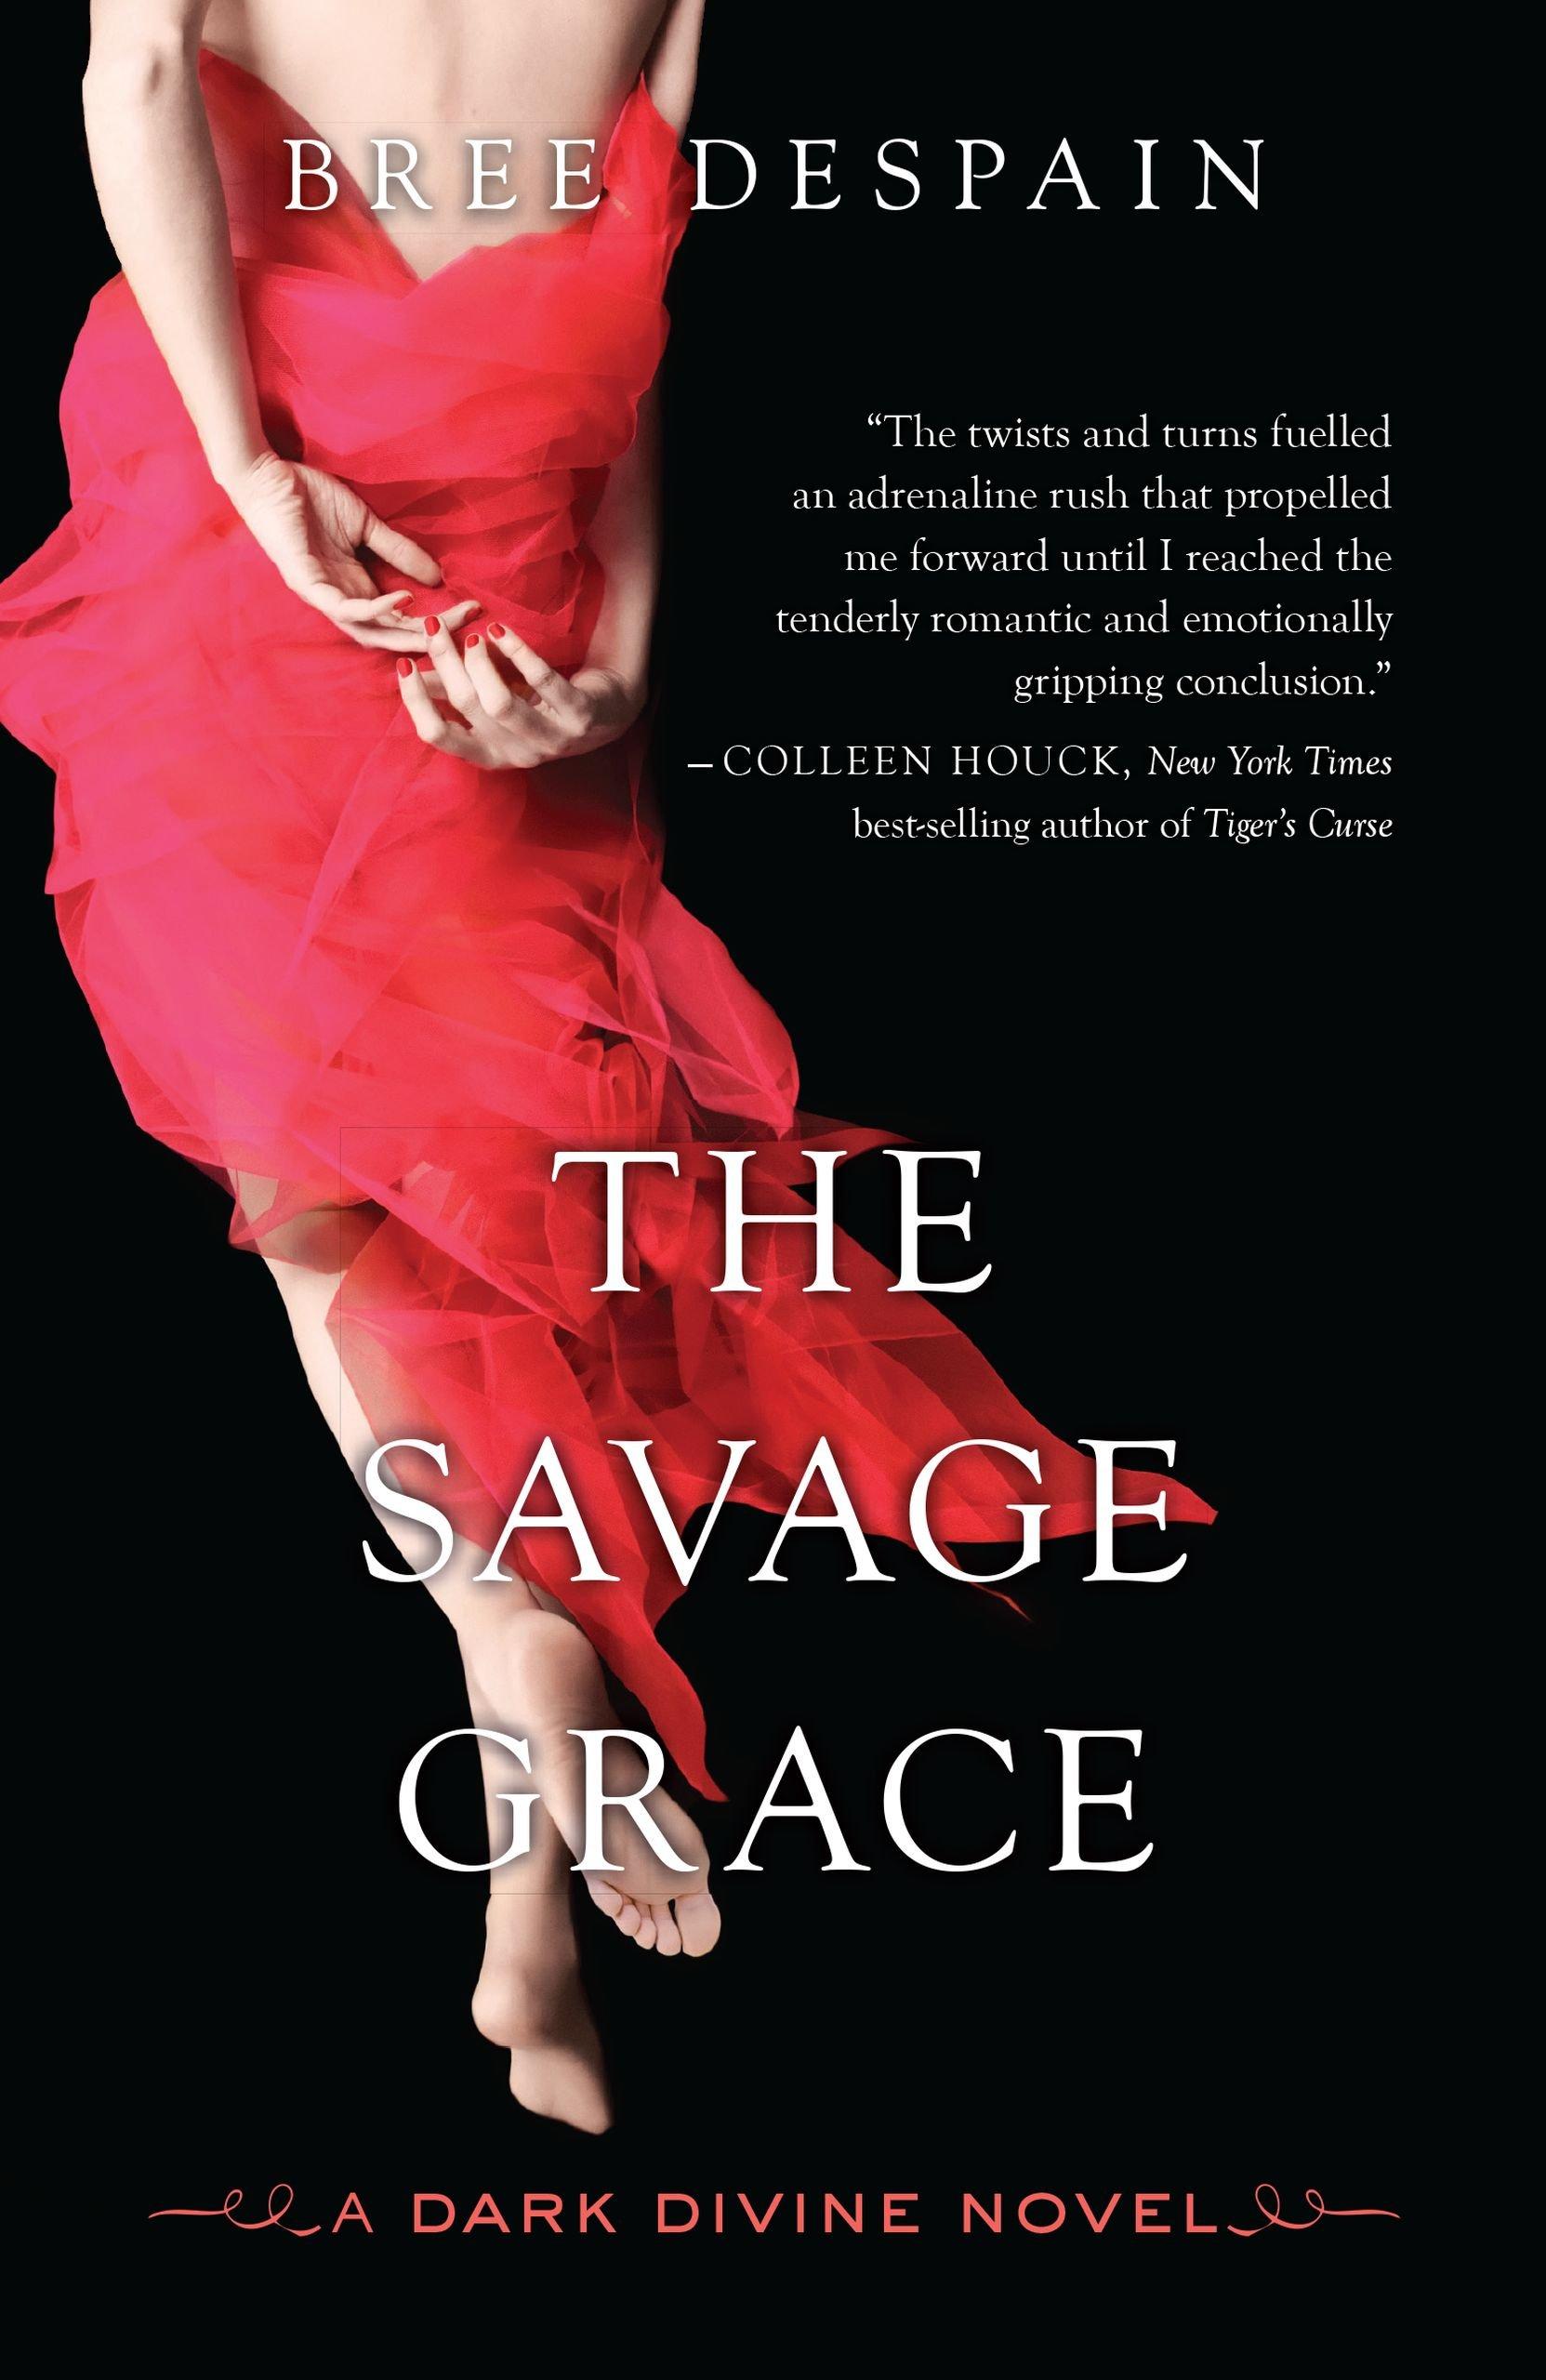 The Savage Grace: A Dark Divine Novel: Amazon.es: Bree Despain: Libros en idiomas extranjeros